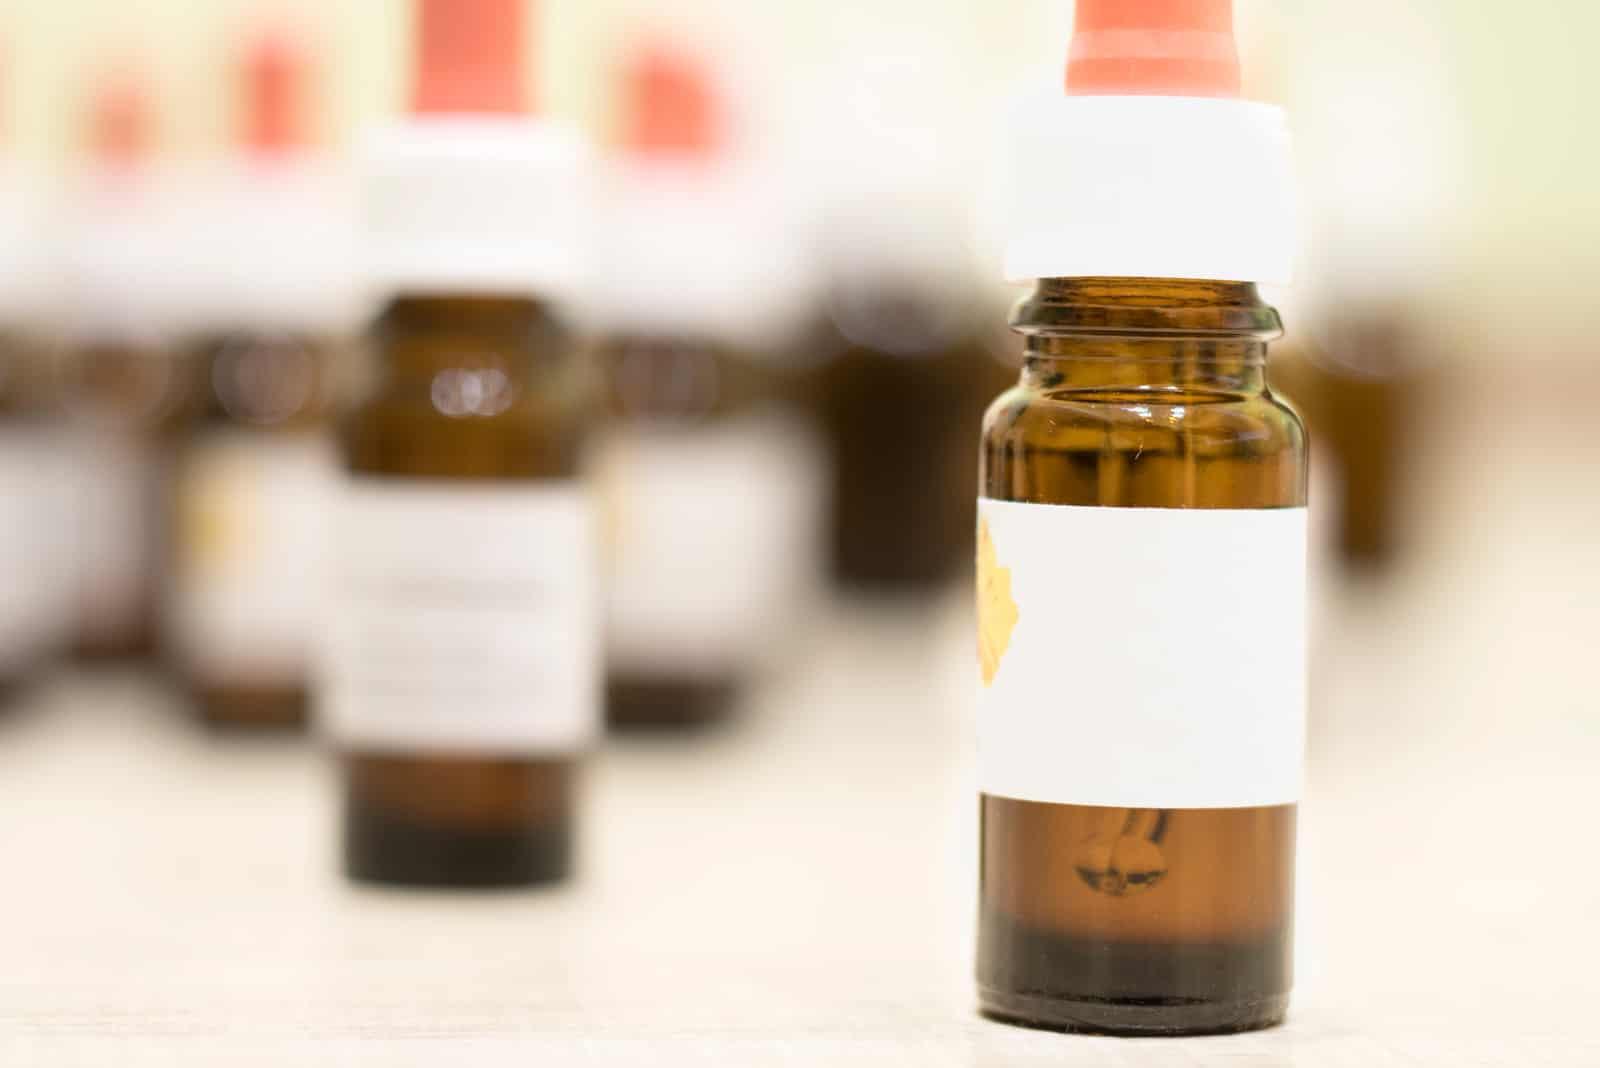 Bachblumenflasche auf dem Tisch